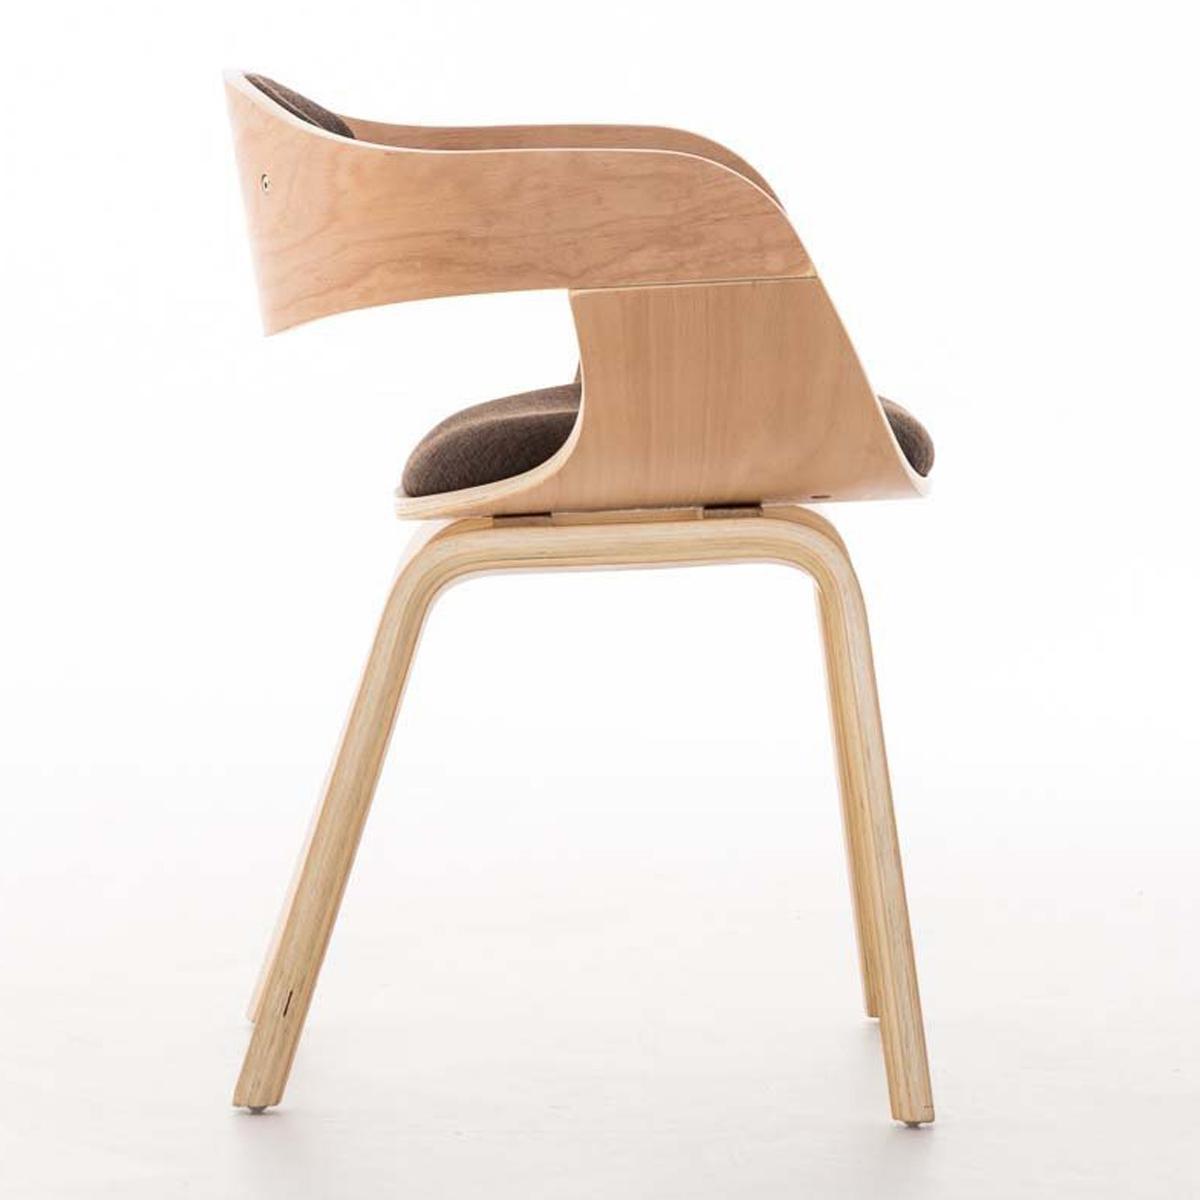 Silla de comedor bolonia tapizada en tela color marr n - Tela para sillas de comedor ...